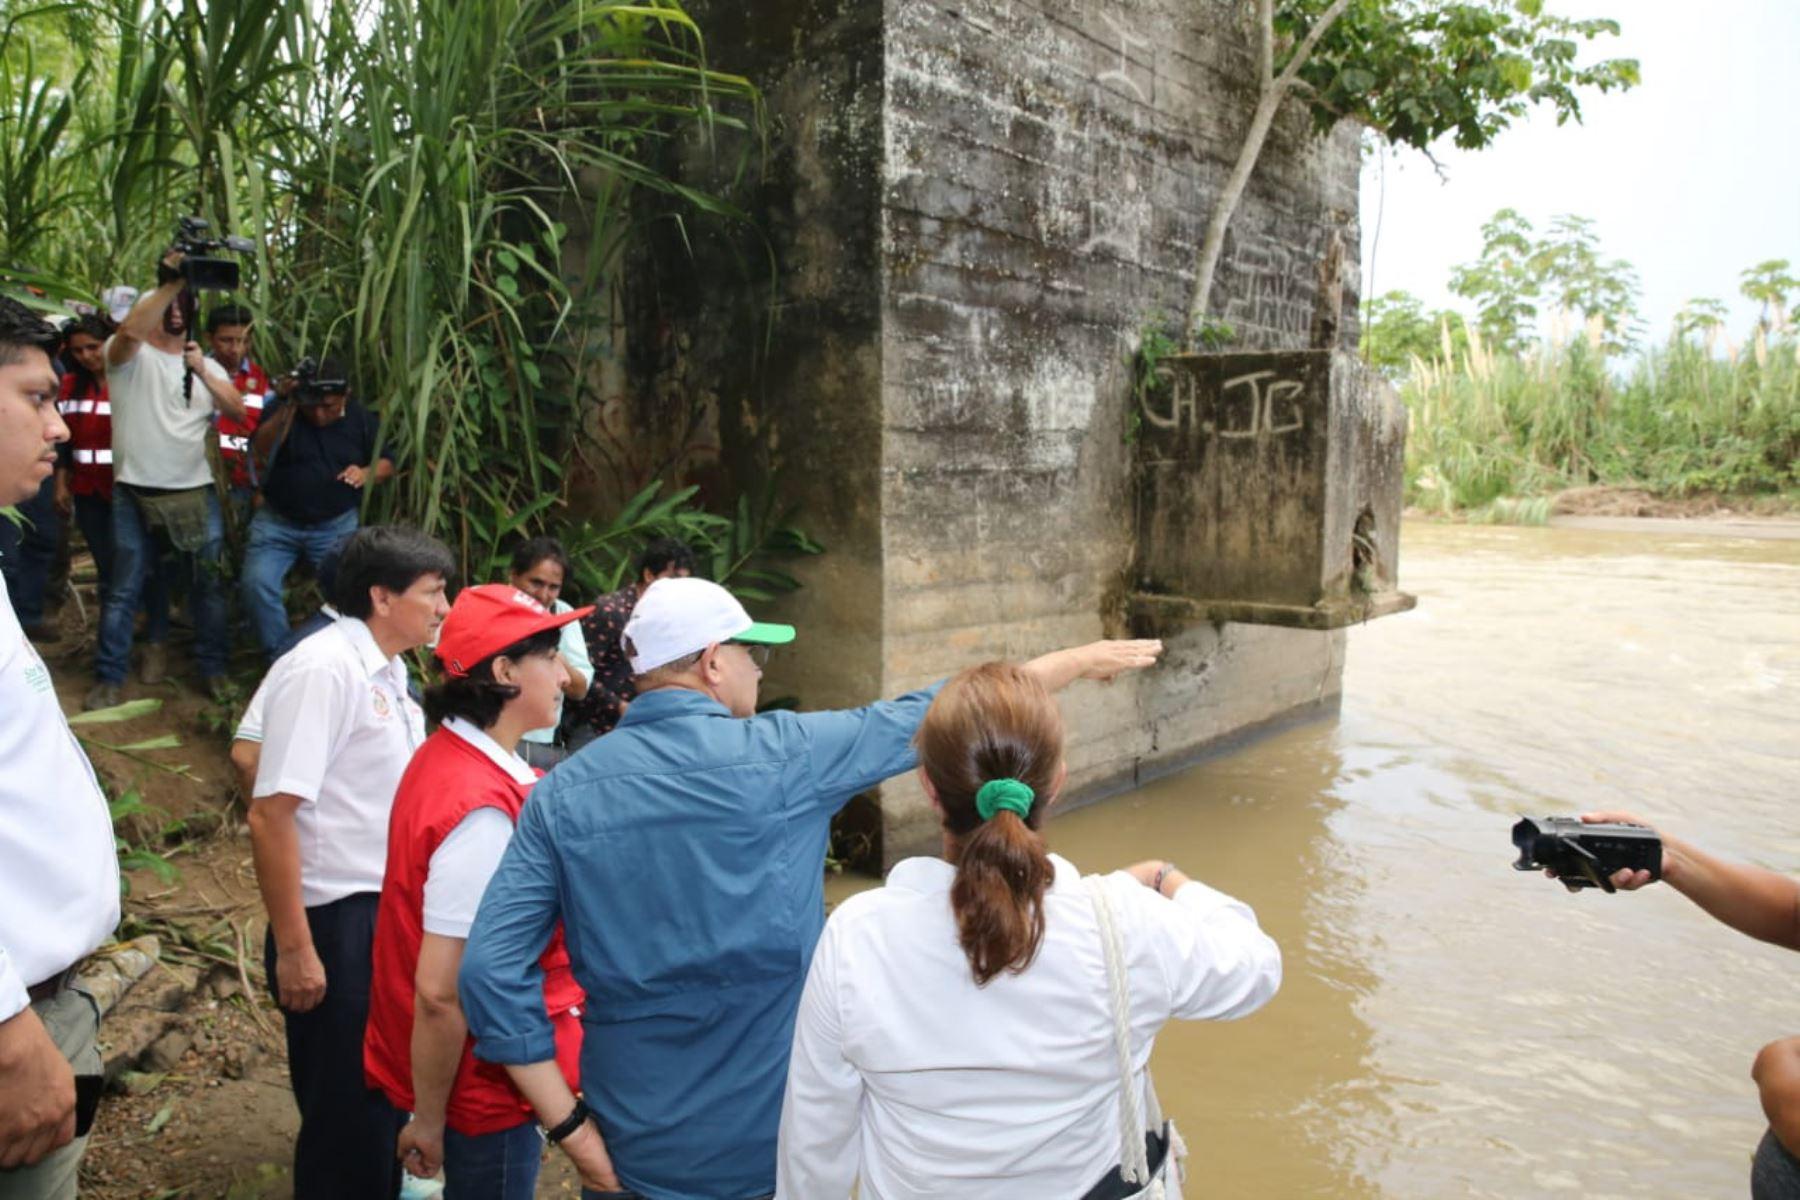 Gobierno despliega recursos para atender a los damnificados y afectados por las lluvias intensas en la región San Martín. ANDINA/Difusión